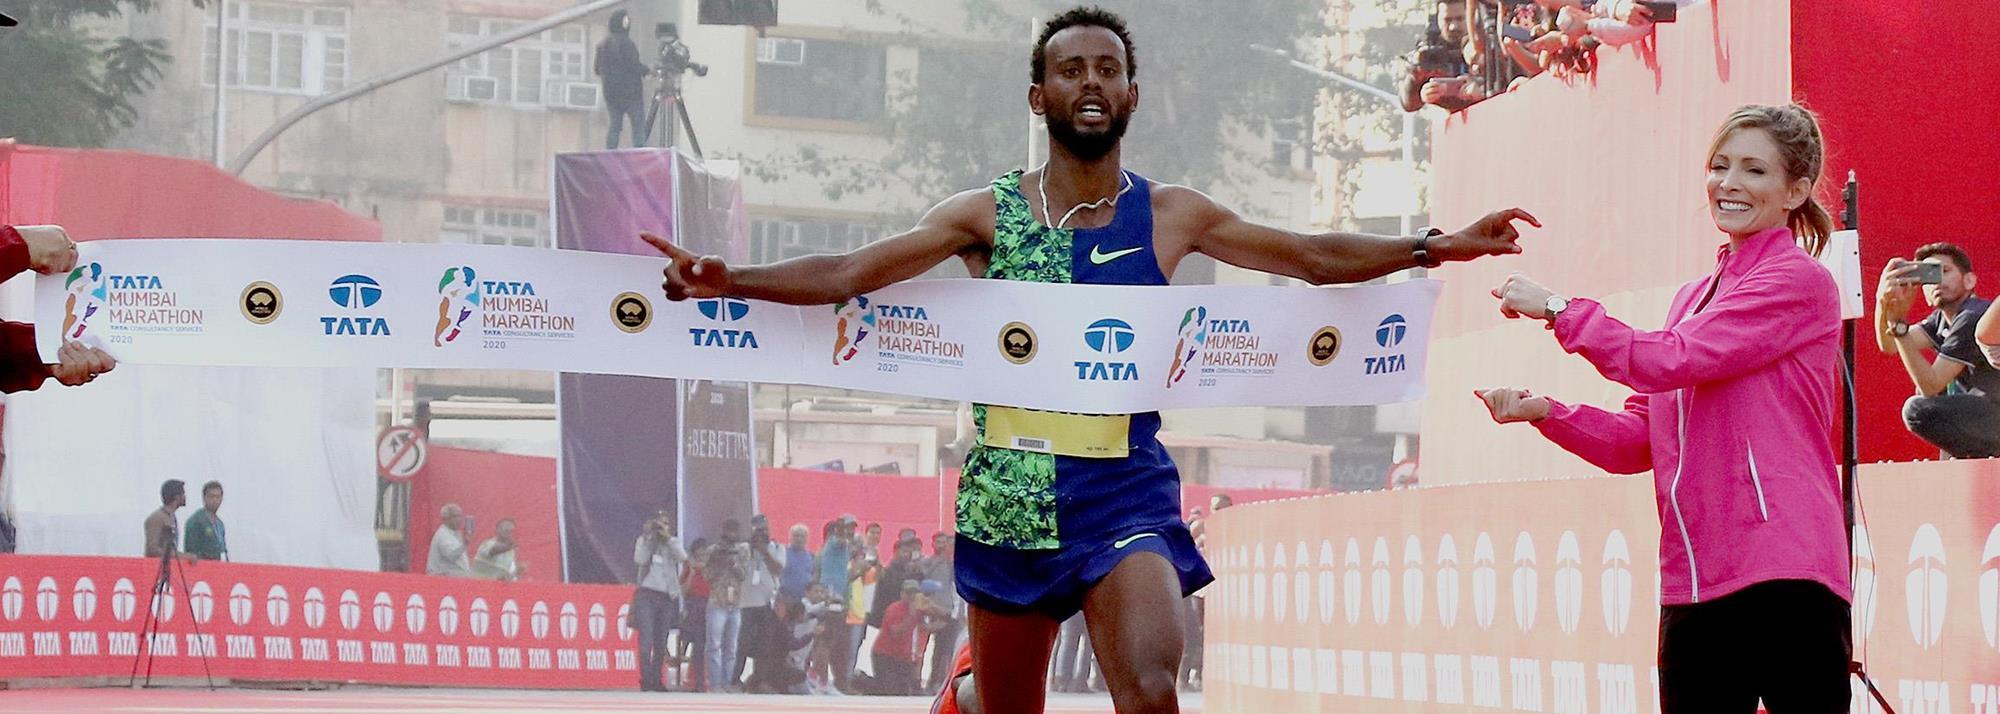 Marathon debutant Hurisa breaks Indian all-comers' record in Mumbai